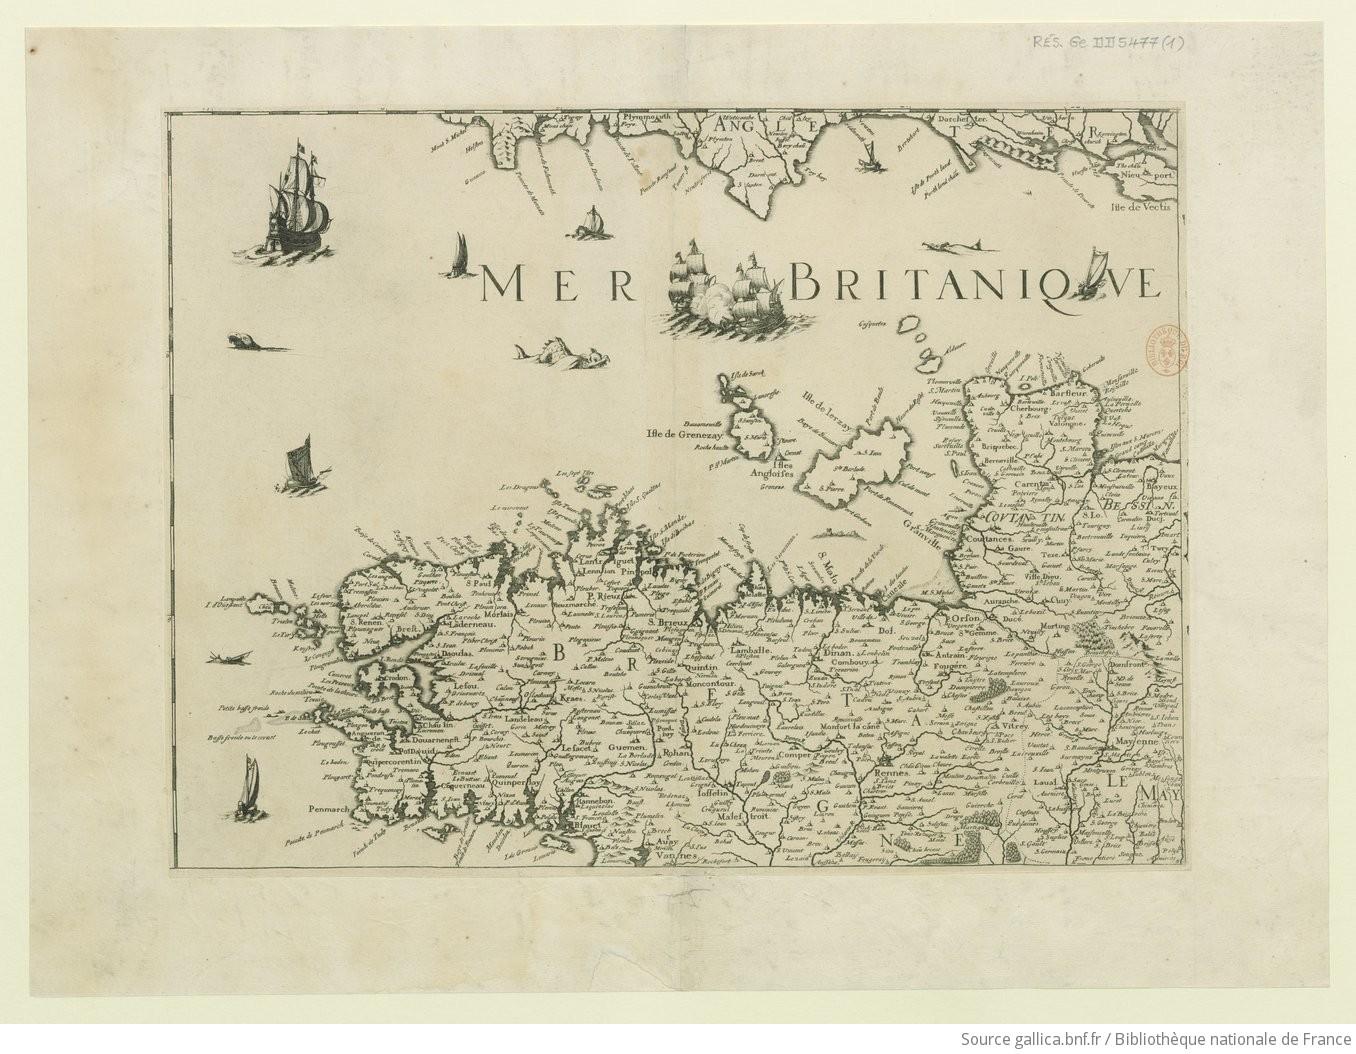 [France] / par le Sr Tassin, géographe ordinaire de Sa Majesté (24l = 0m 103) - 1